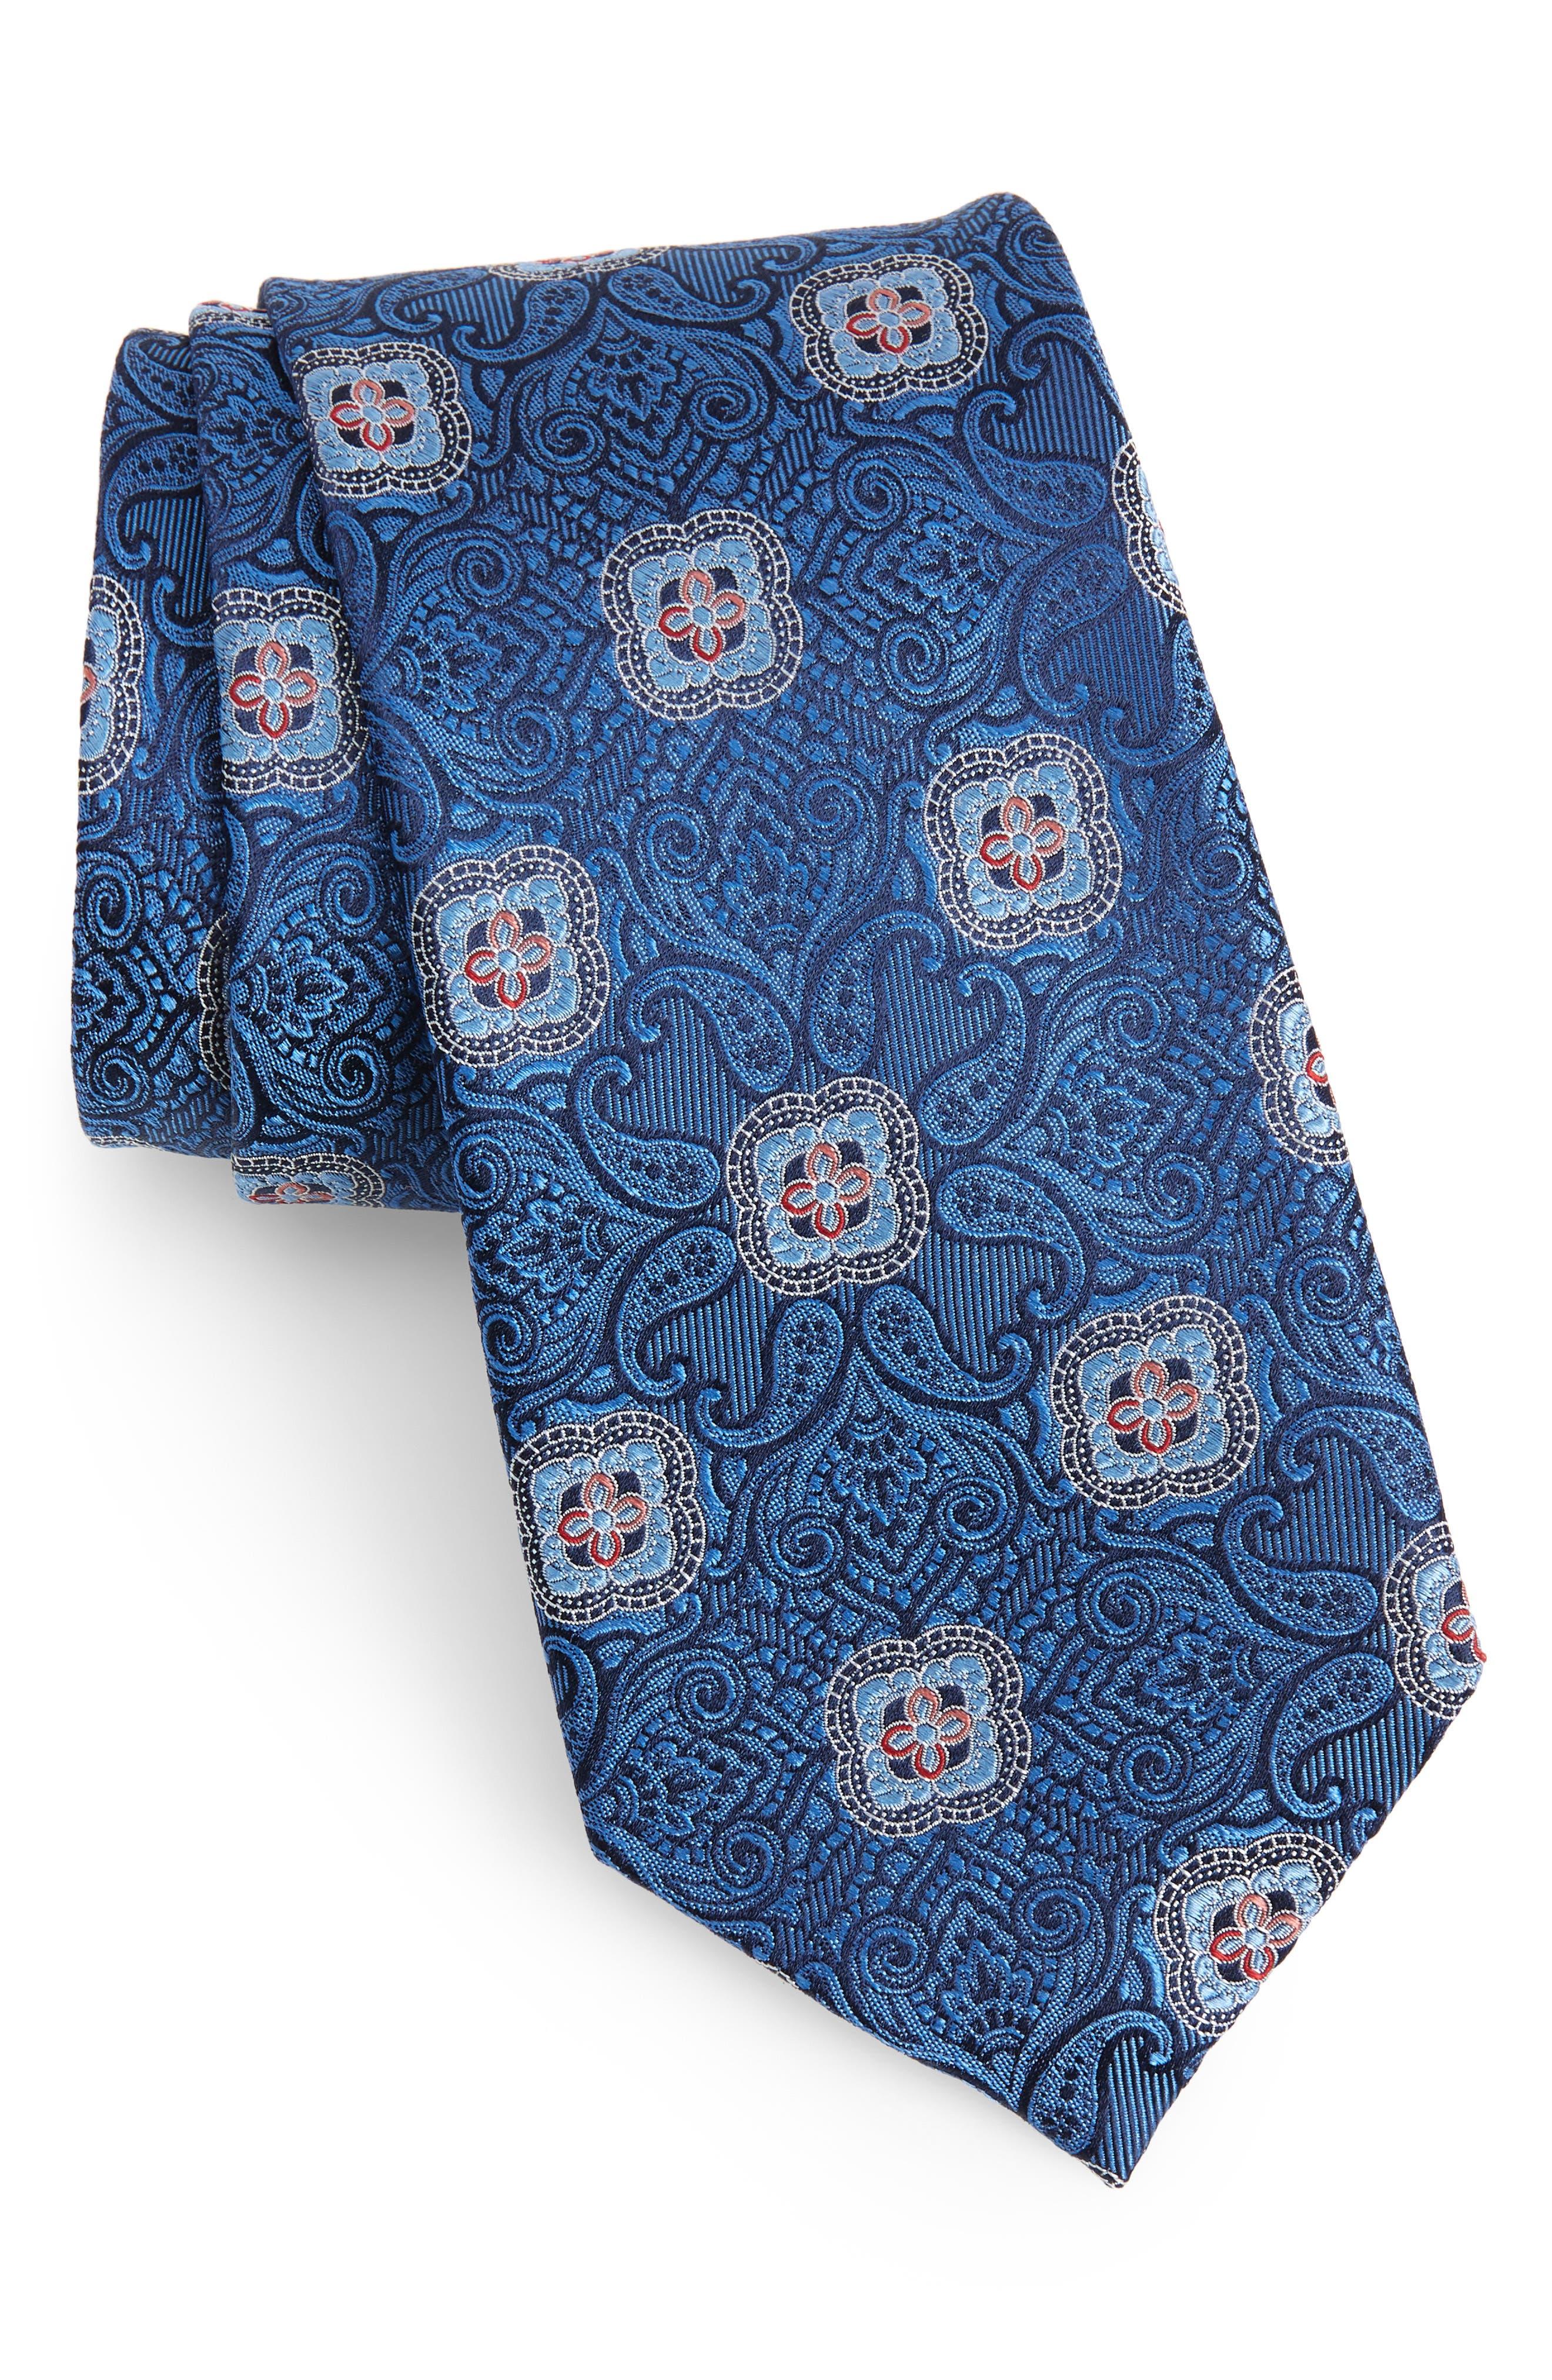 Alvarez Medallion Silk Tie,                             Main thumbnail 1, color,                             Blue